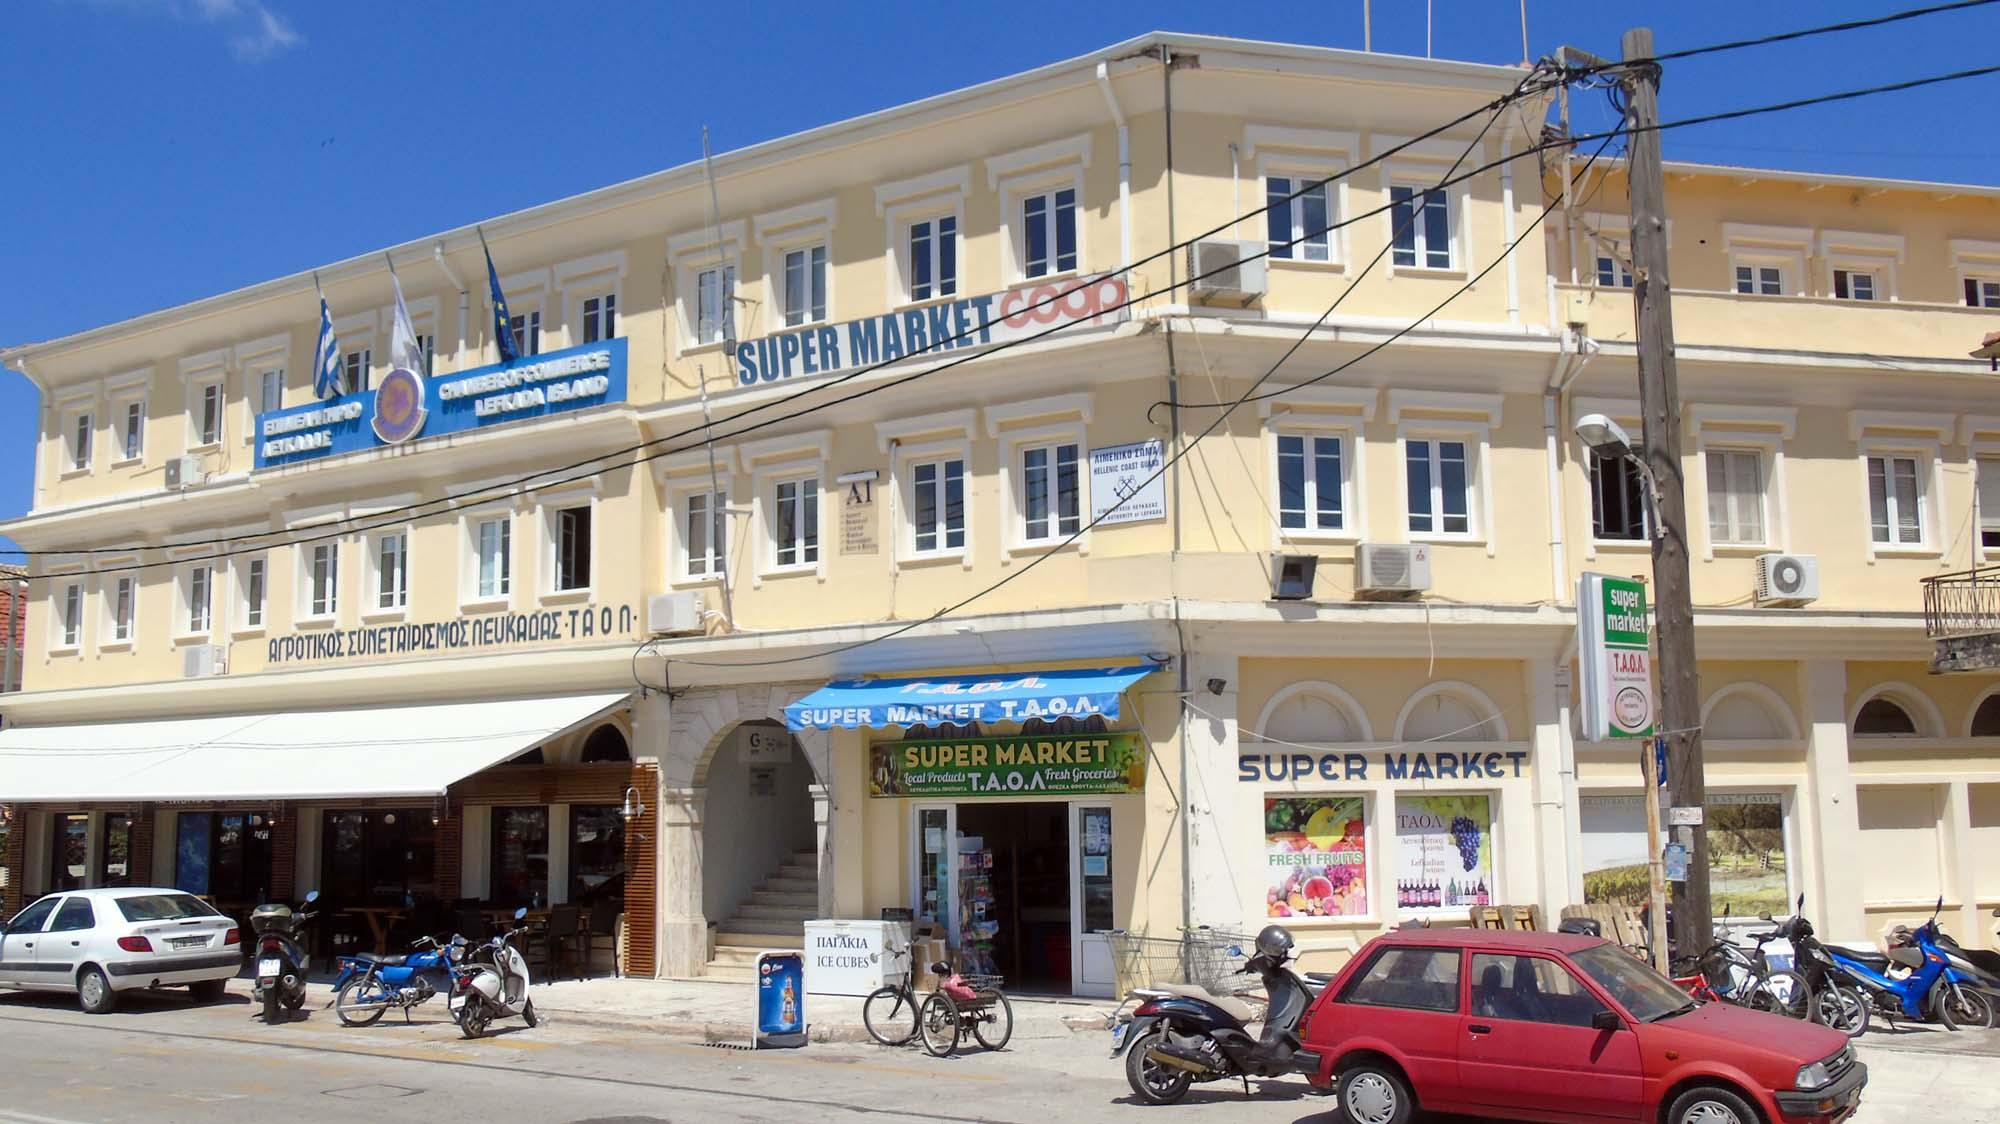 Super Market Taol Lefkadas 2